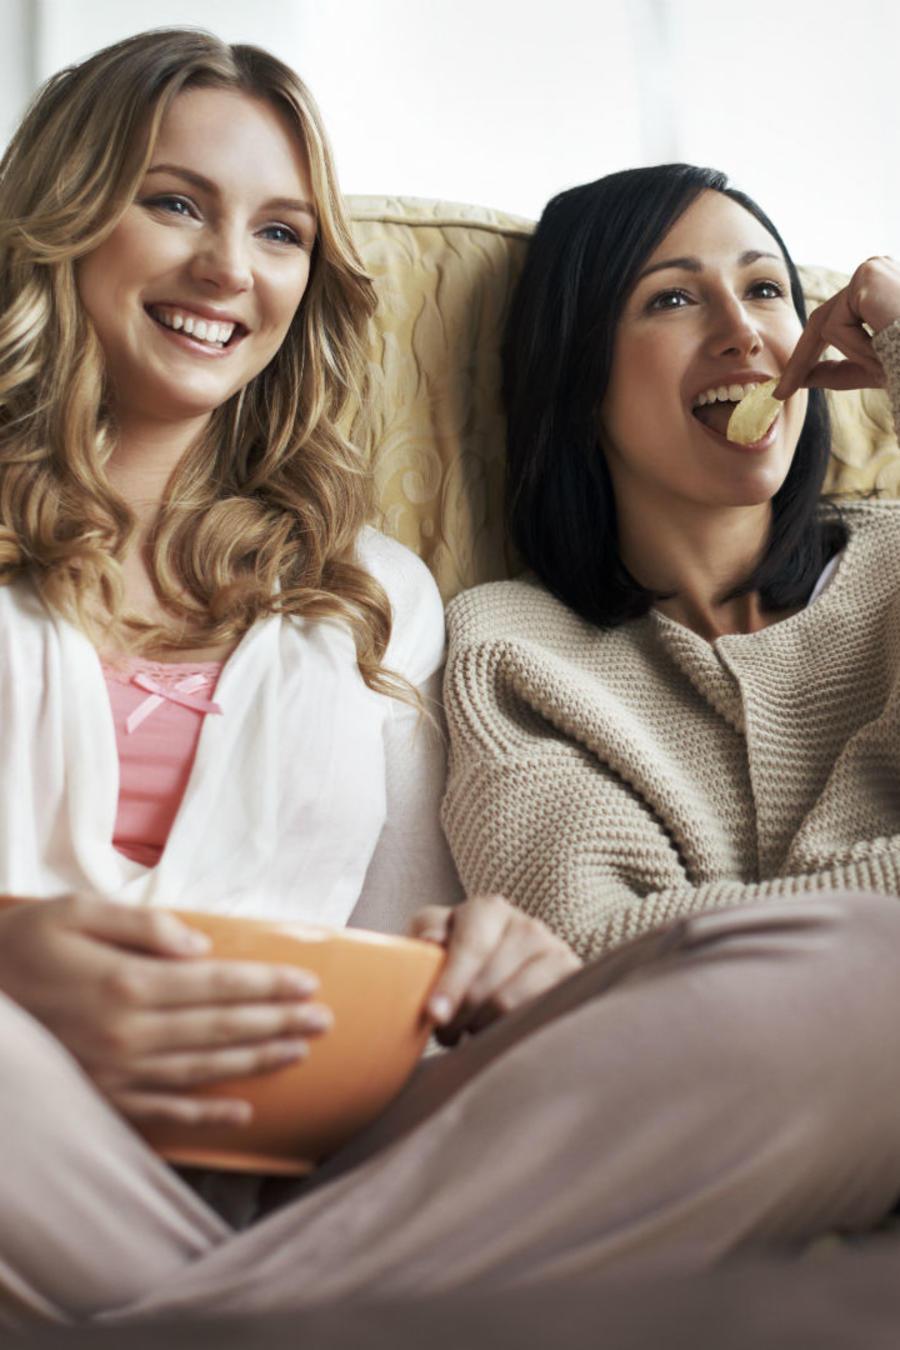 Mujeres en un sofá